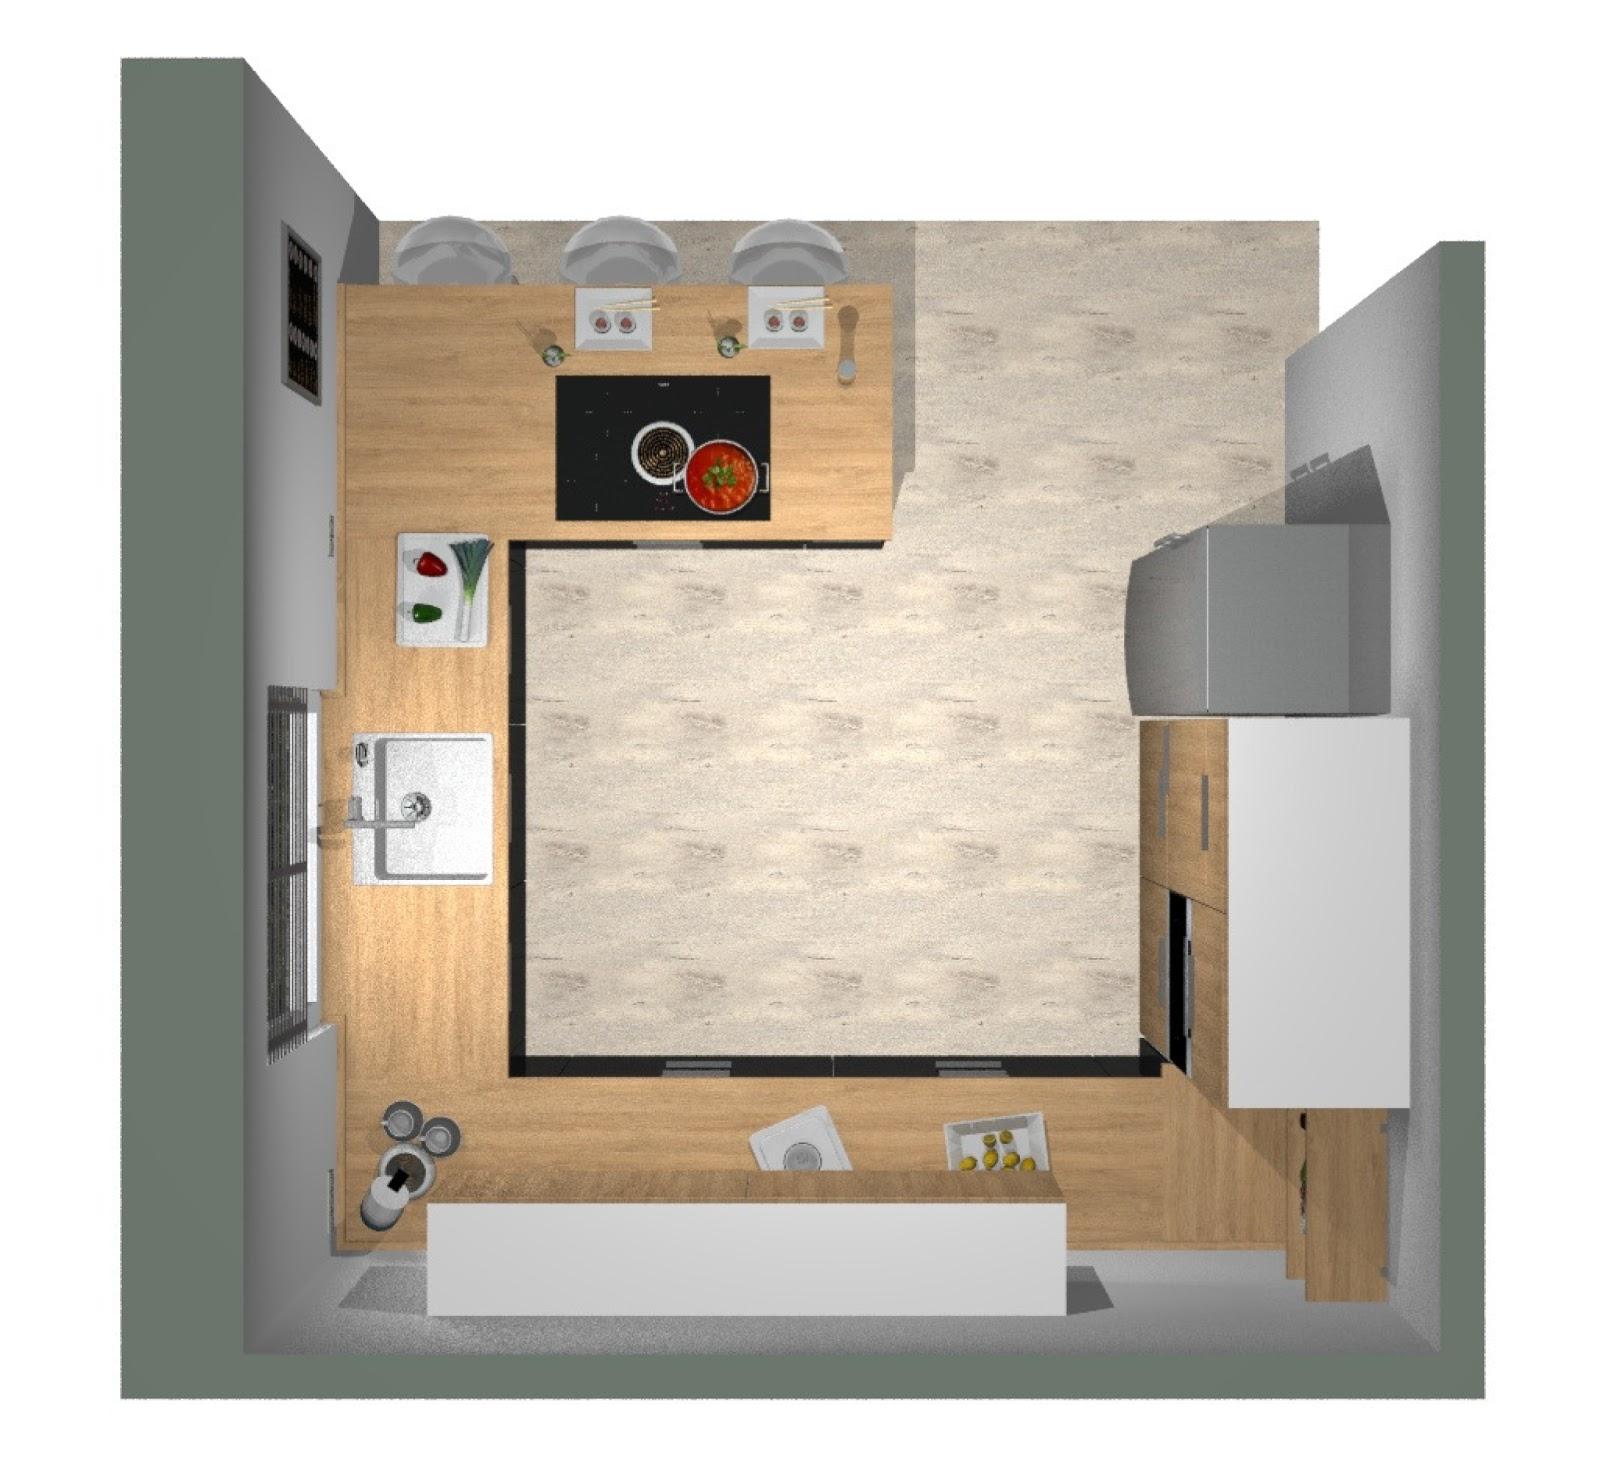 Wunderbar Küche Mit Weinkühlschrank Galerie Schlafzimmer Ideen